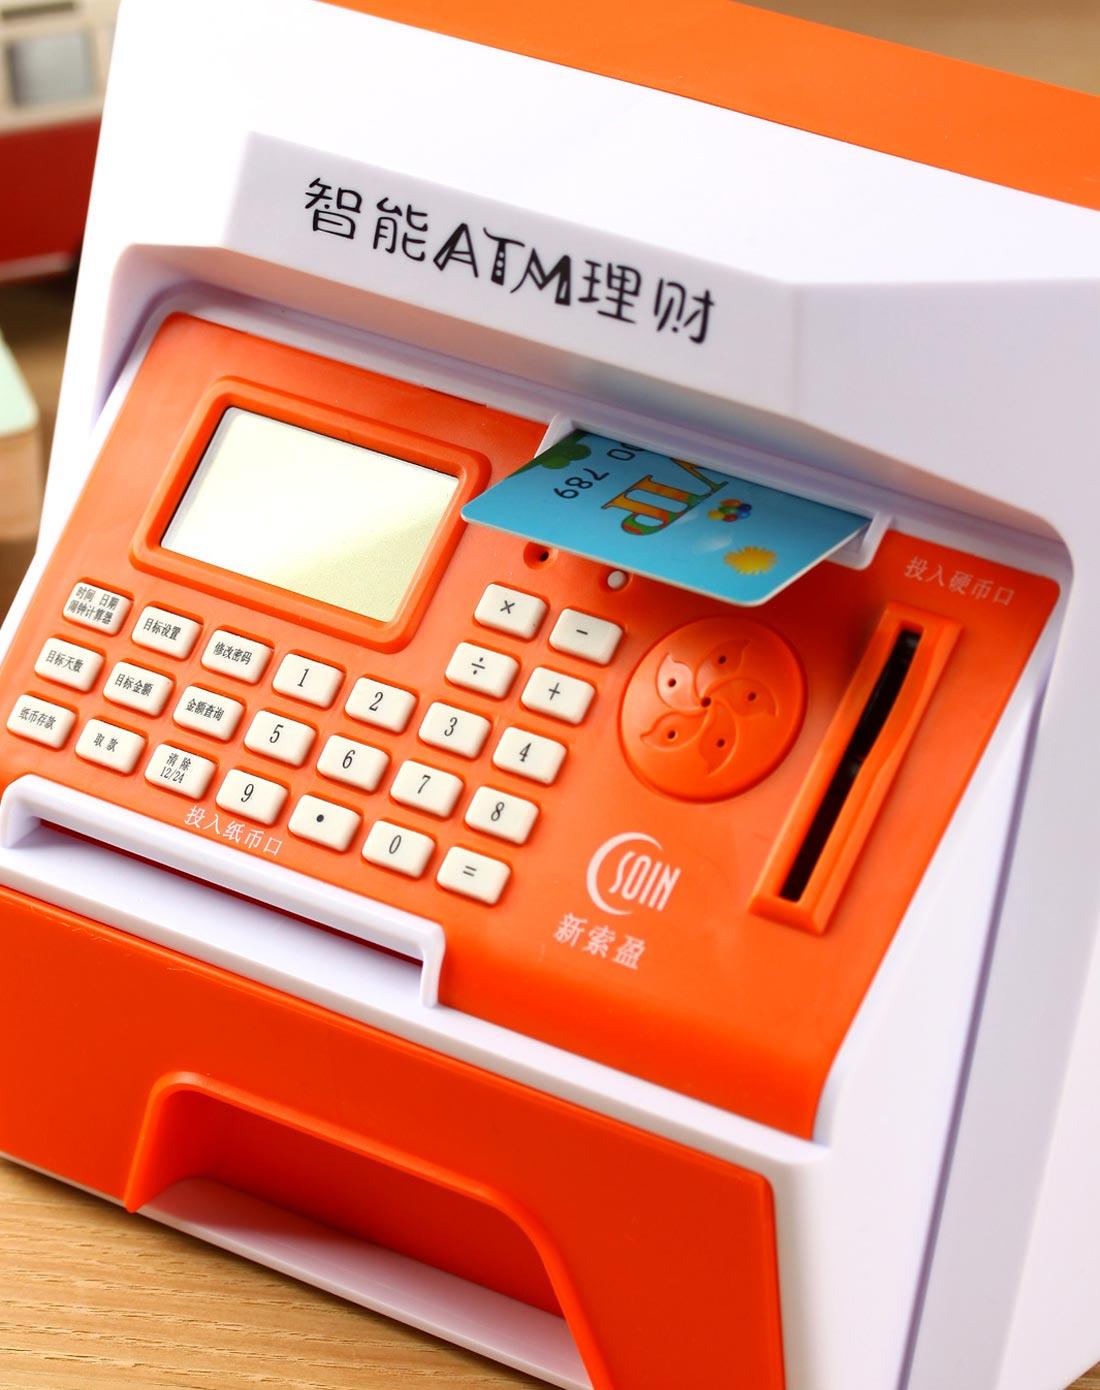 (橙色)创意可爱大号智能atm理财机